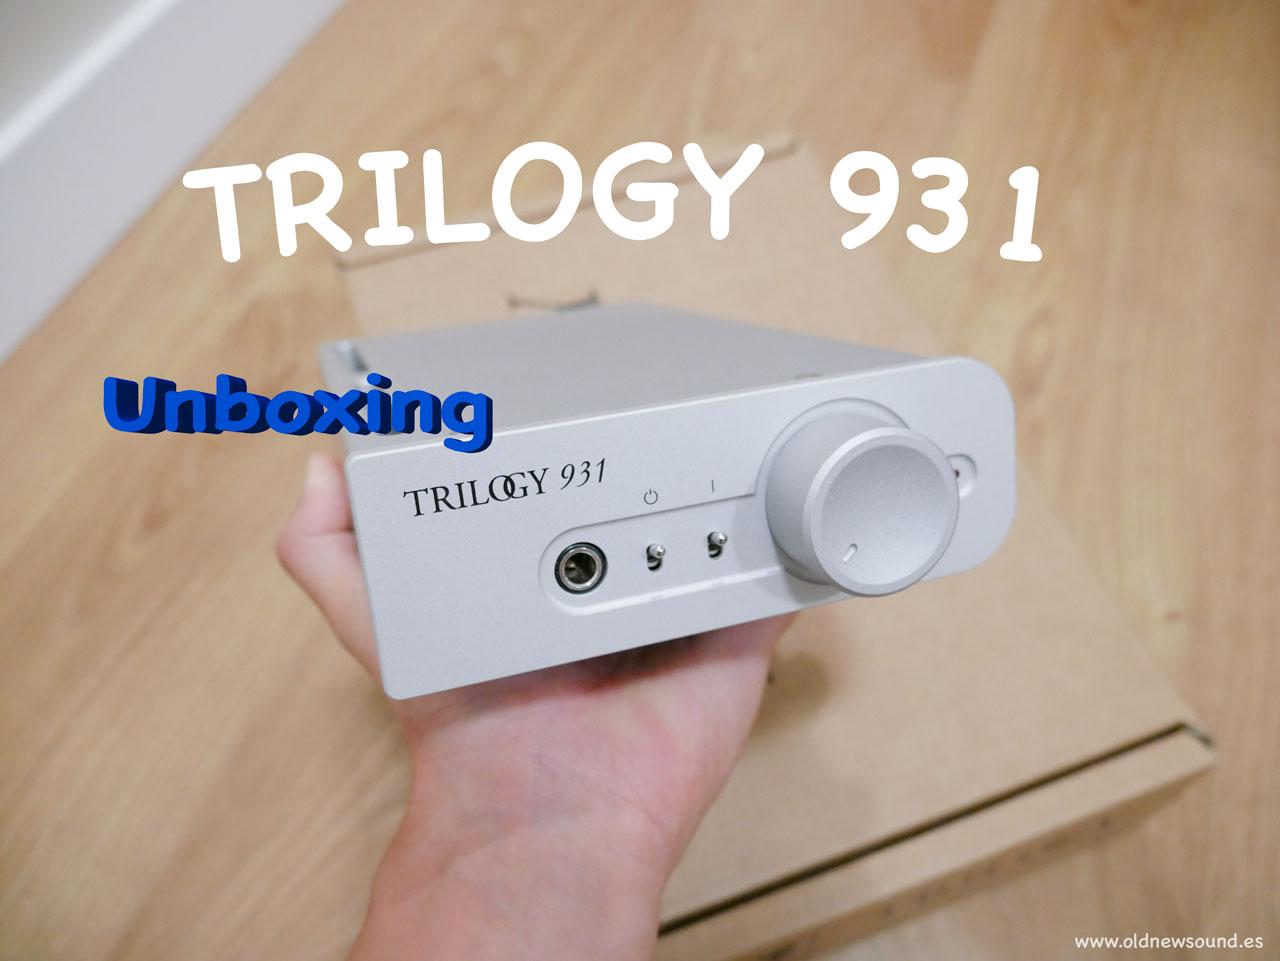 Trilogy 931 | Unboxing